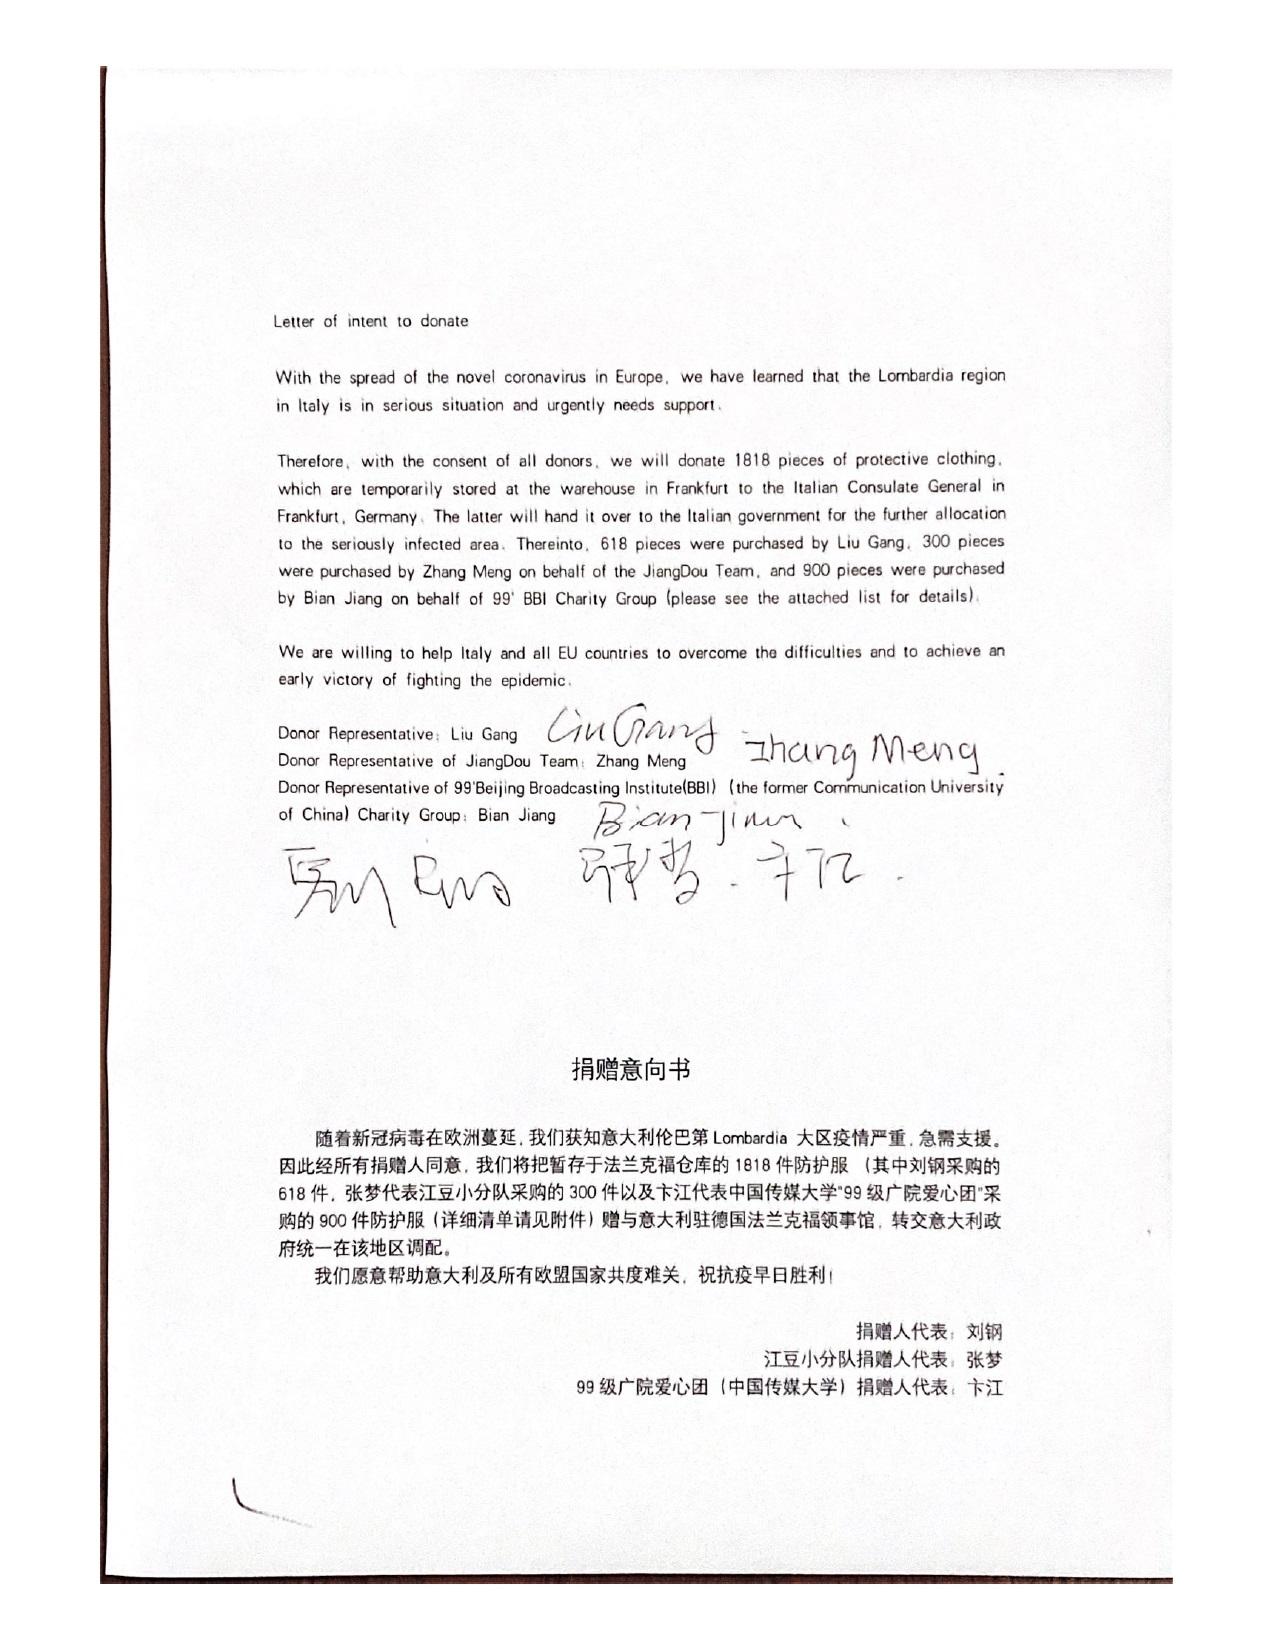 Lettera di intenti dei donatori cinesi agli italiani